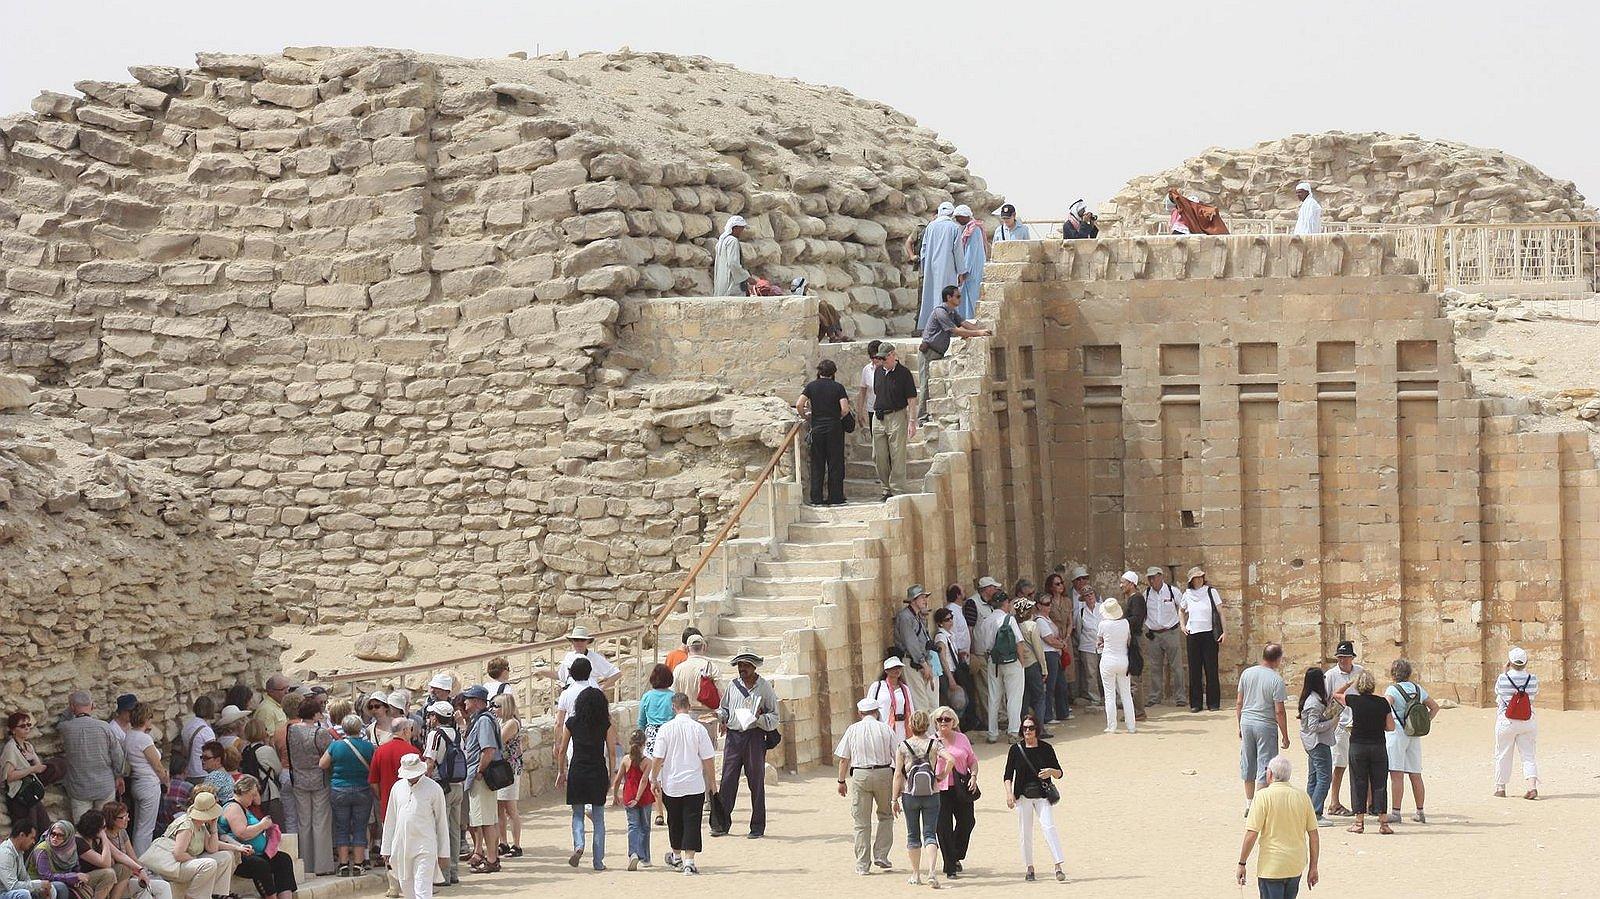 Karim is op de vlucht in Egypte nadat zijn vriend is opgepakt